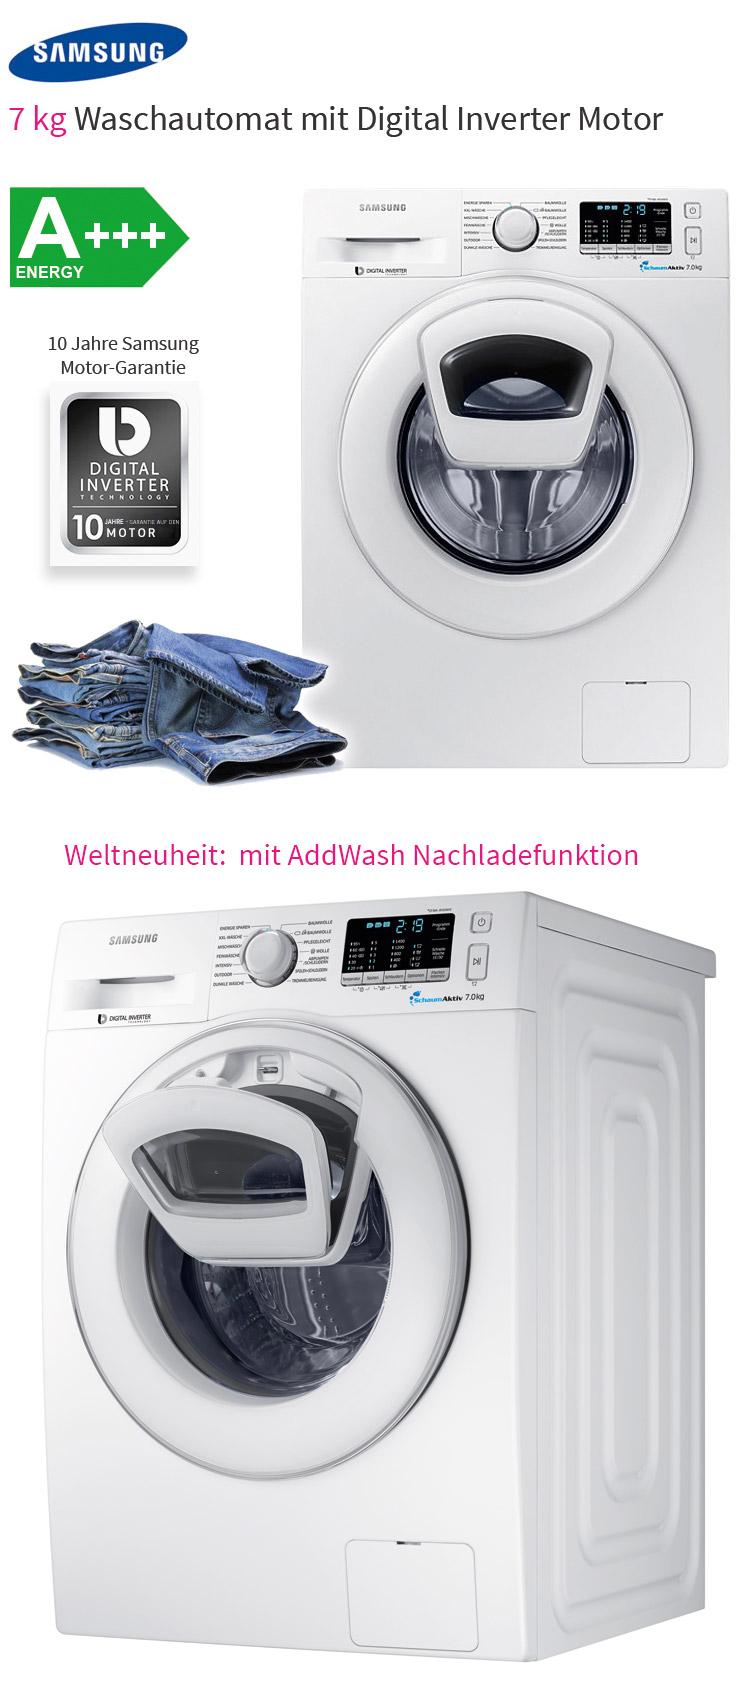 samsung add wash waschmaschine a nachlade funktion schaum aktiv frontlader ebay. Black Bedroom Furniture Sets. Home Design Ideas